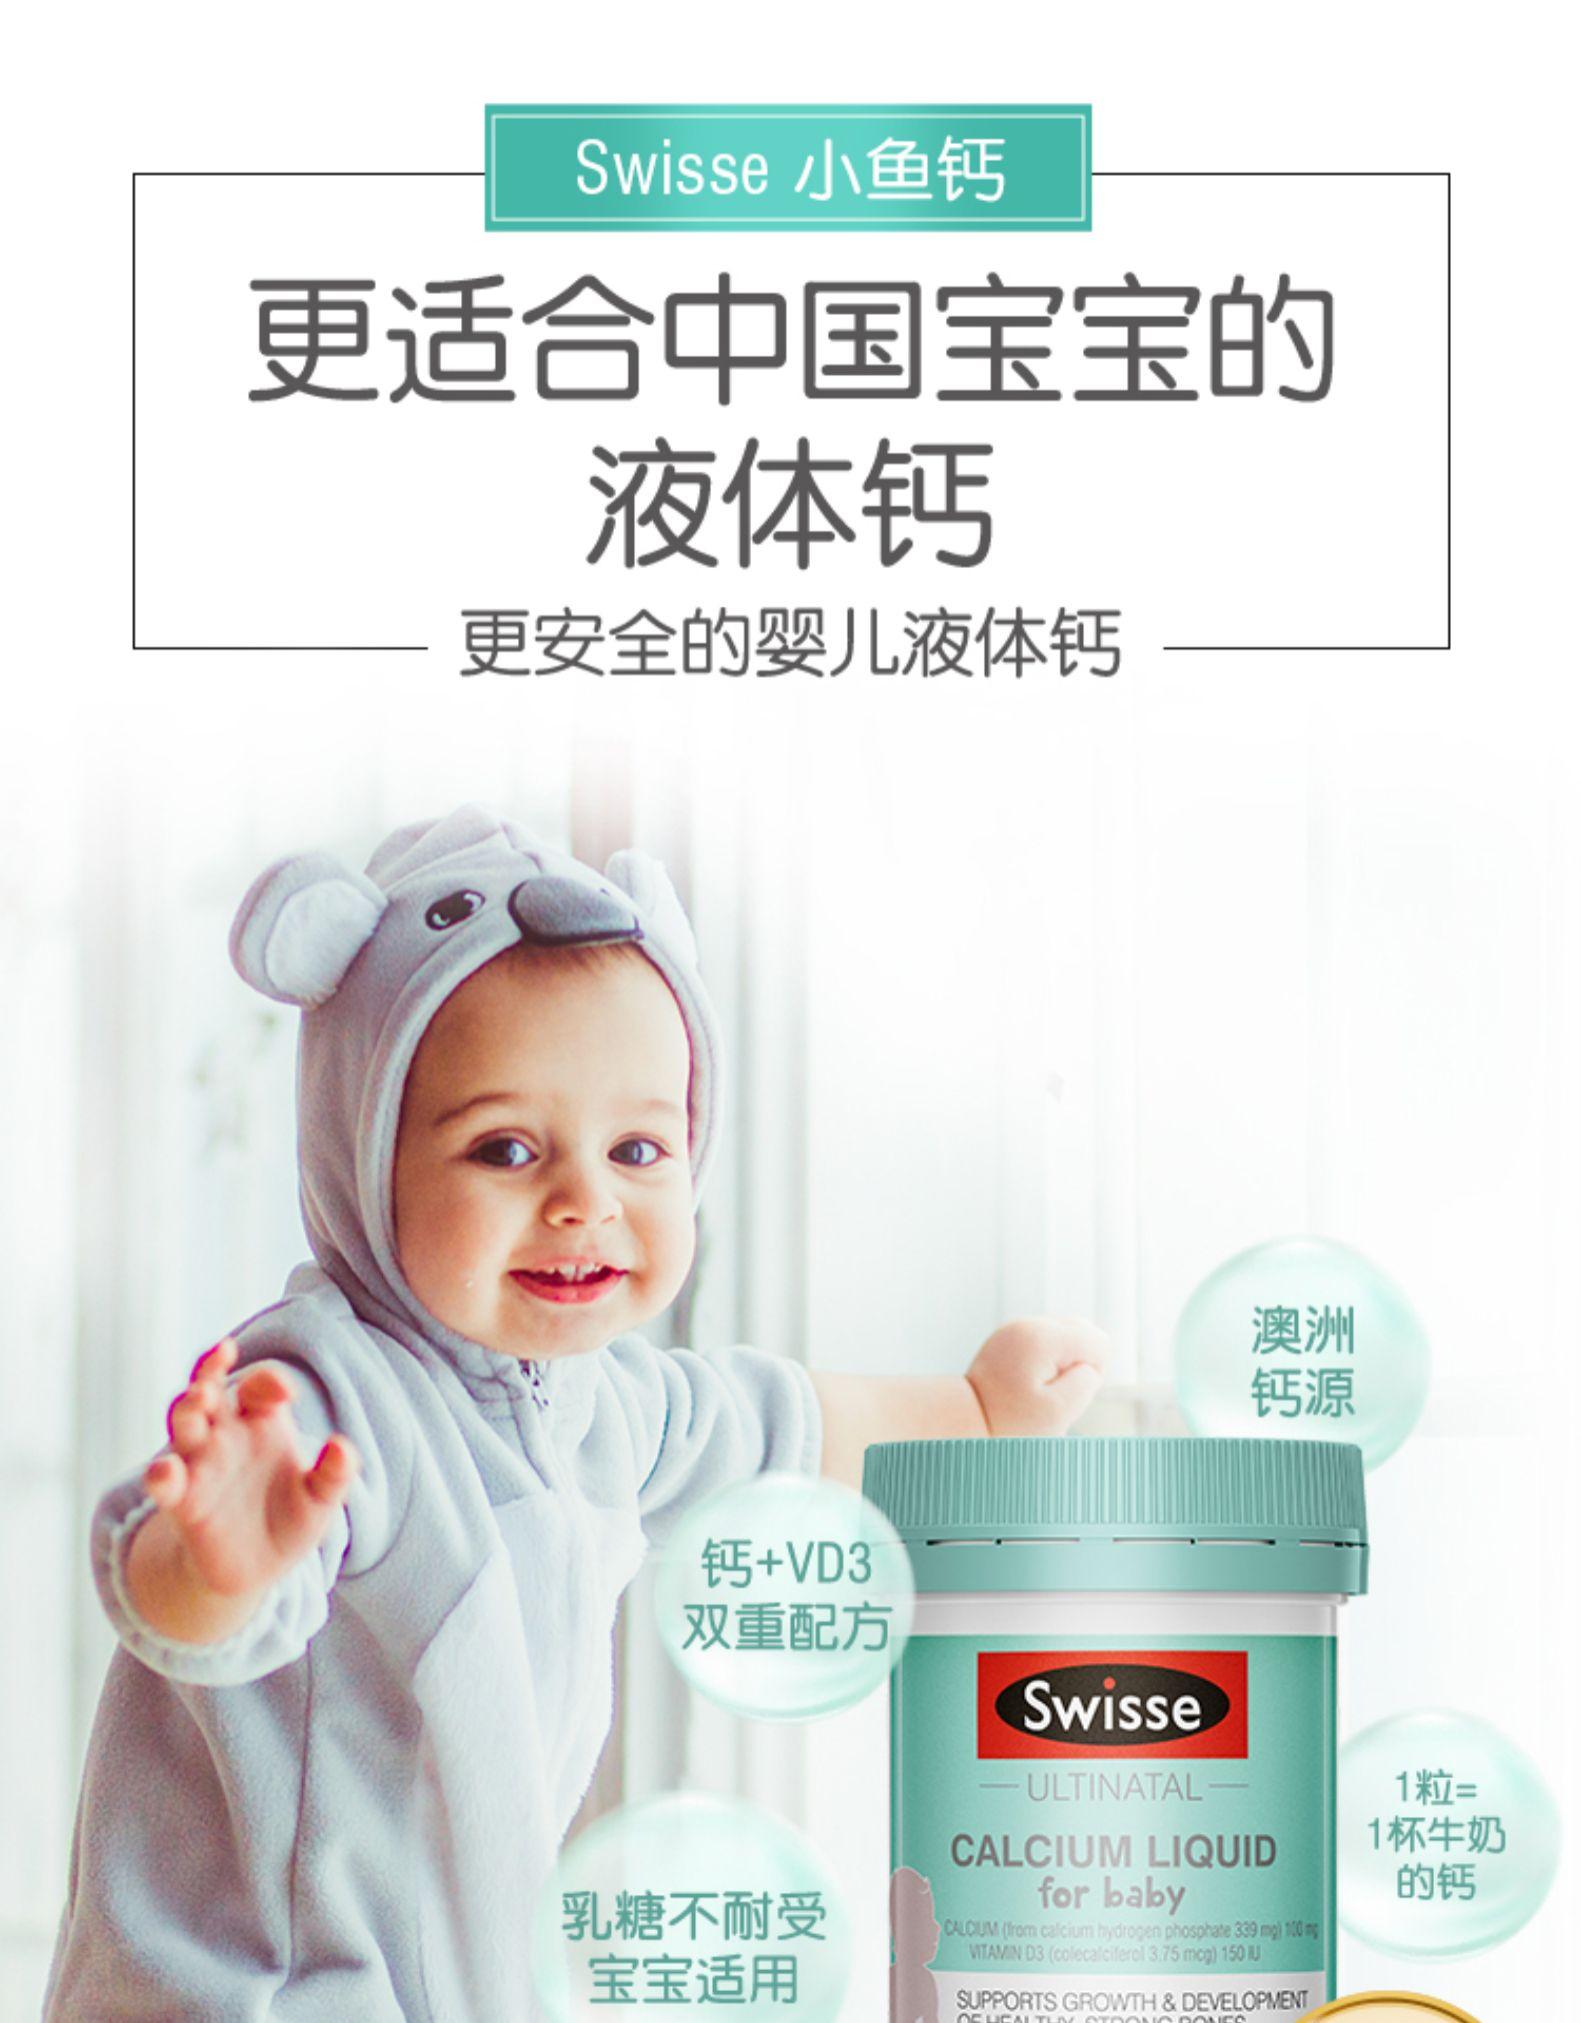 澳洲进口Swisse小鱼钙婴幼儿液体钙+D软胶囊60粒 营养儿童补钙 我们的产品 第6张